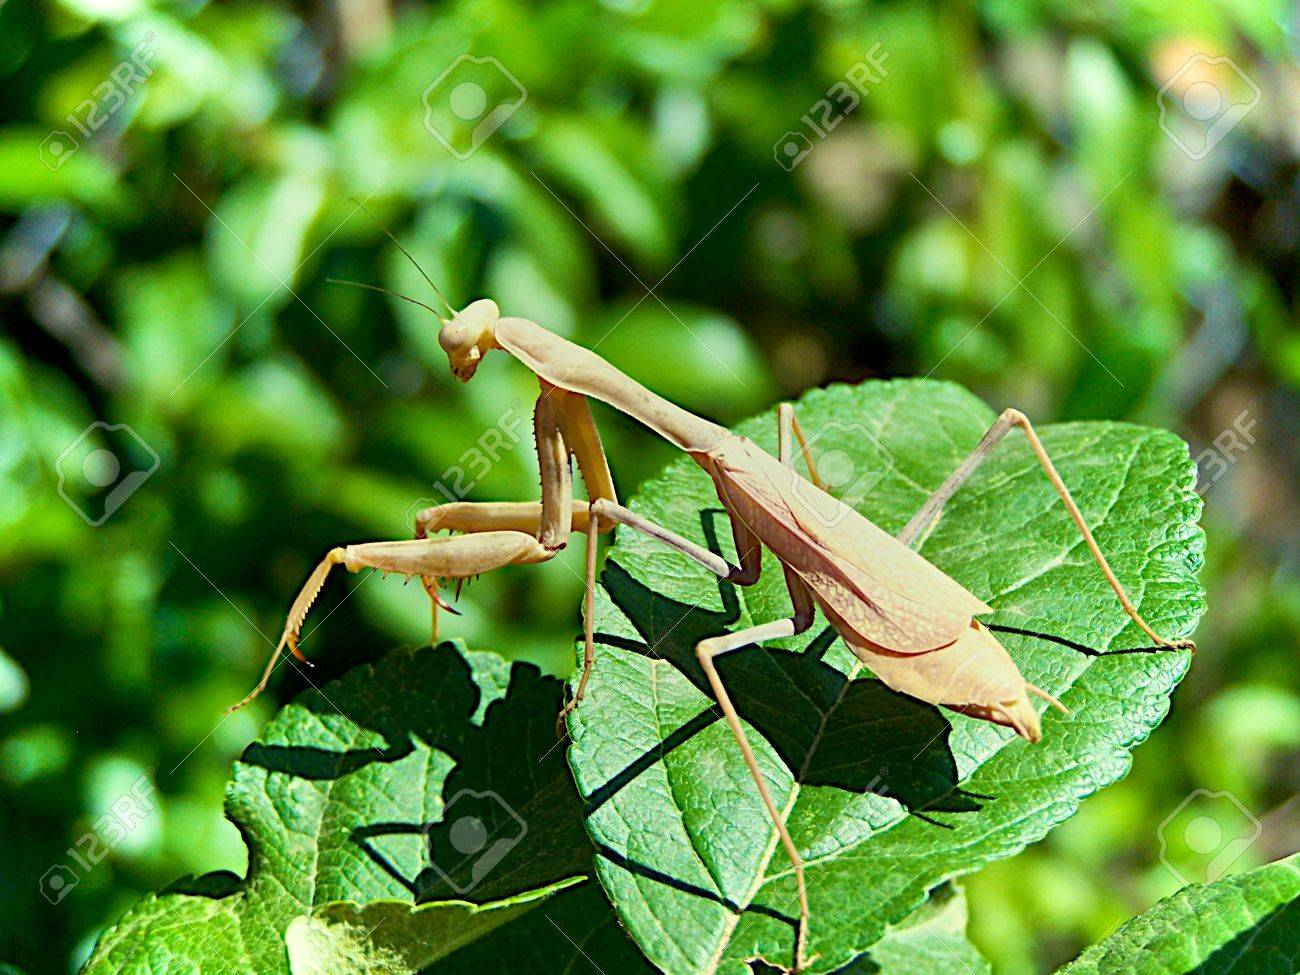 praying mantis Stock Photo - 3528367